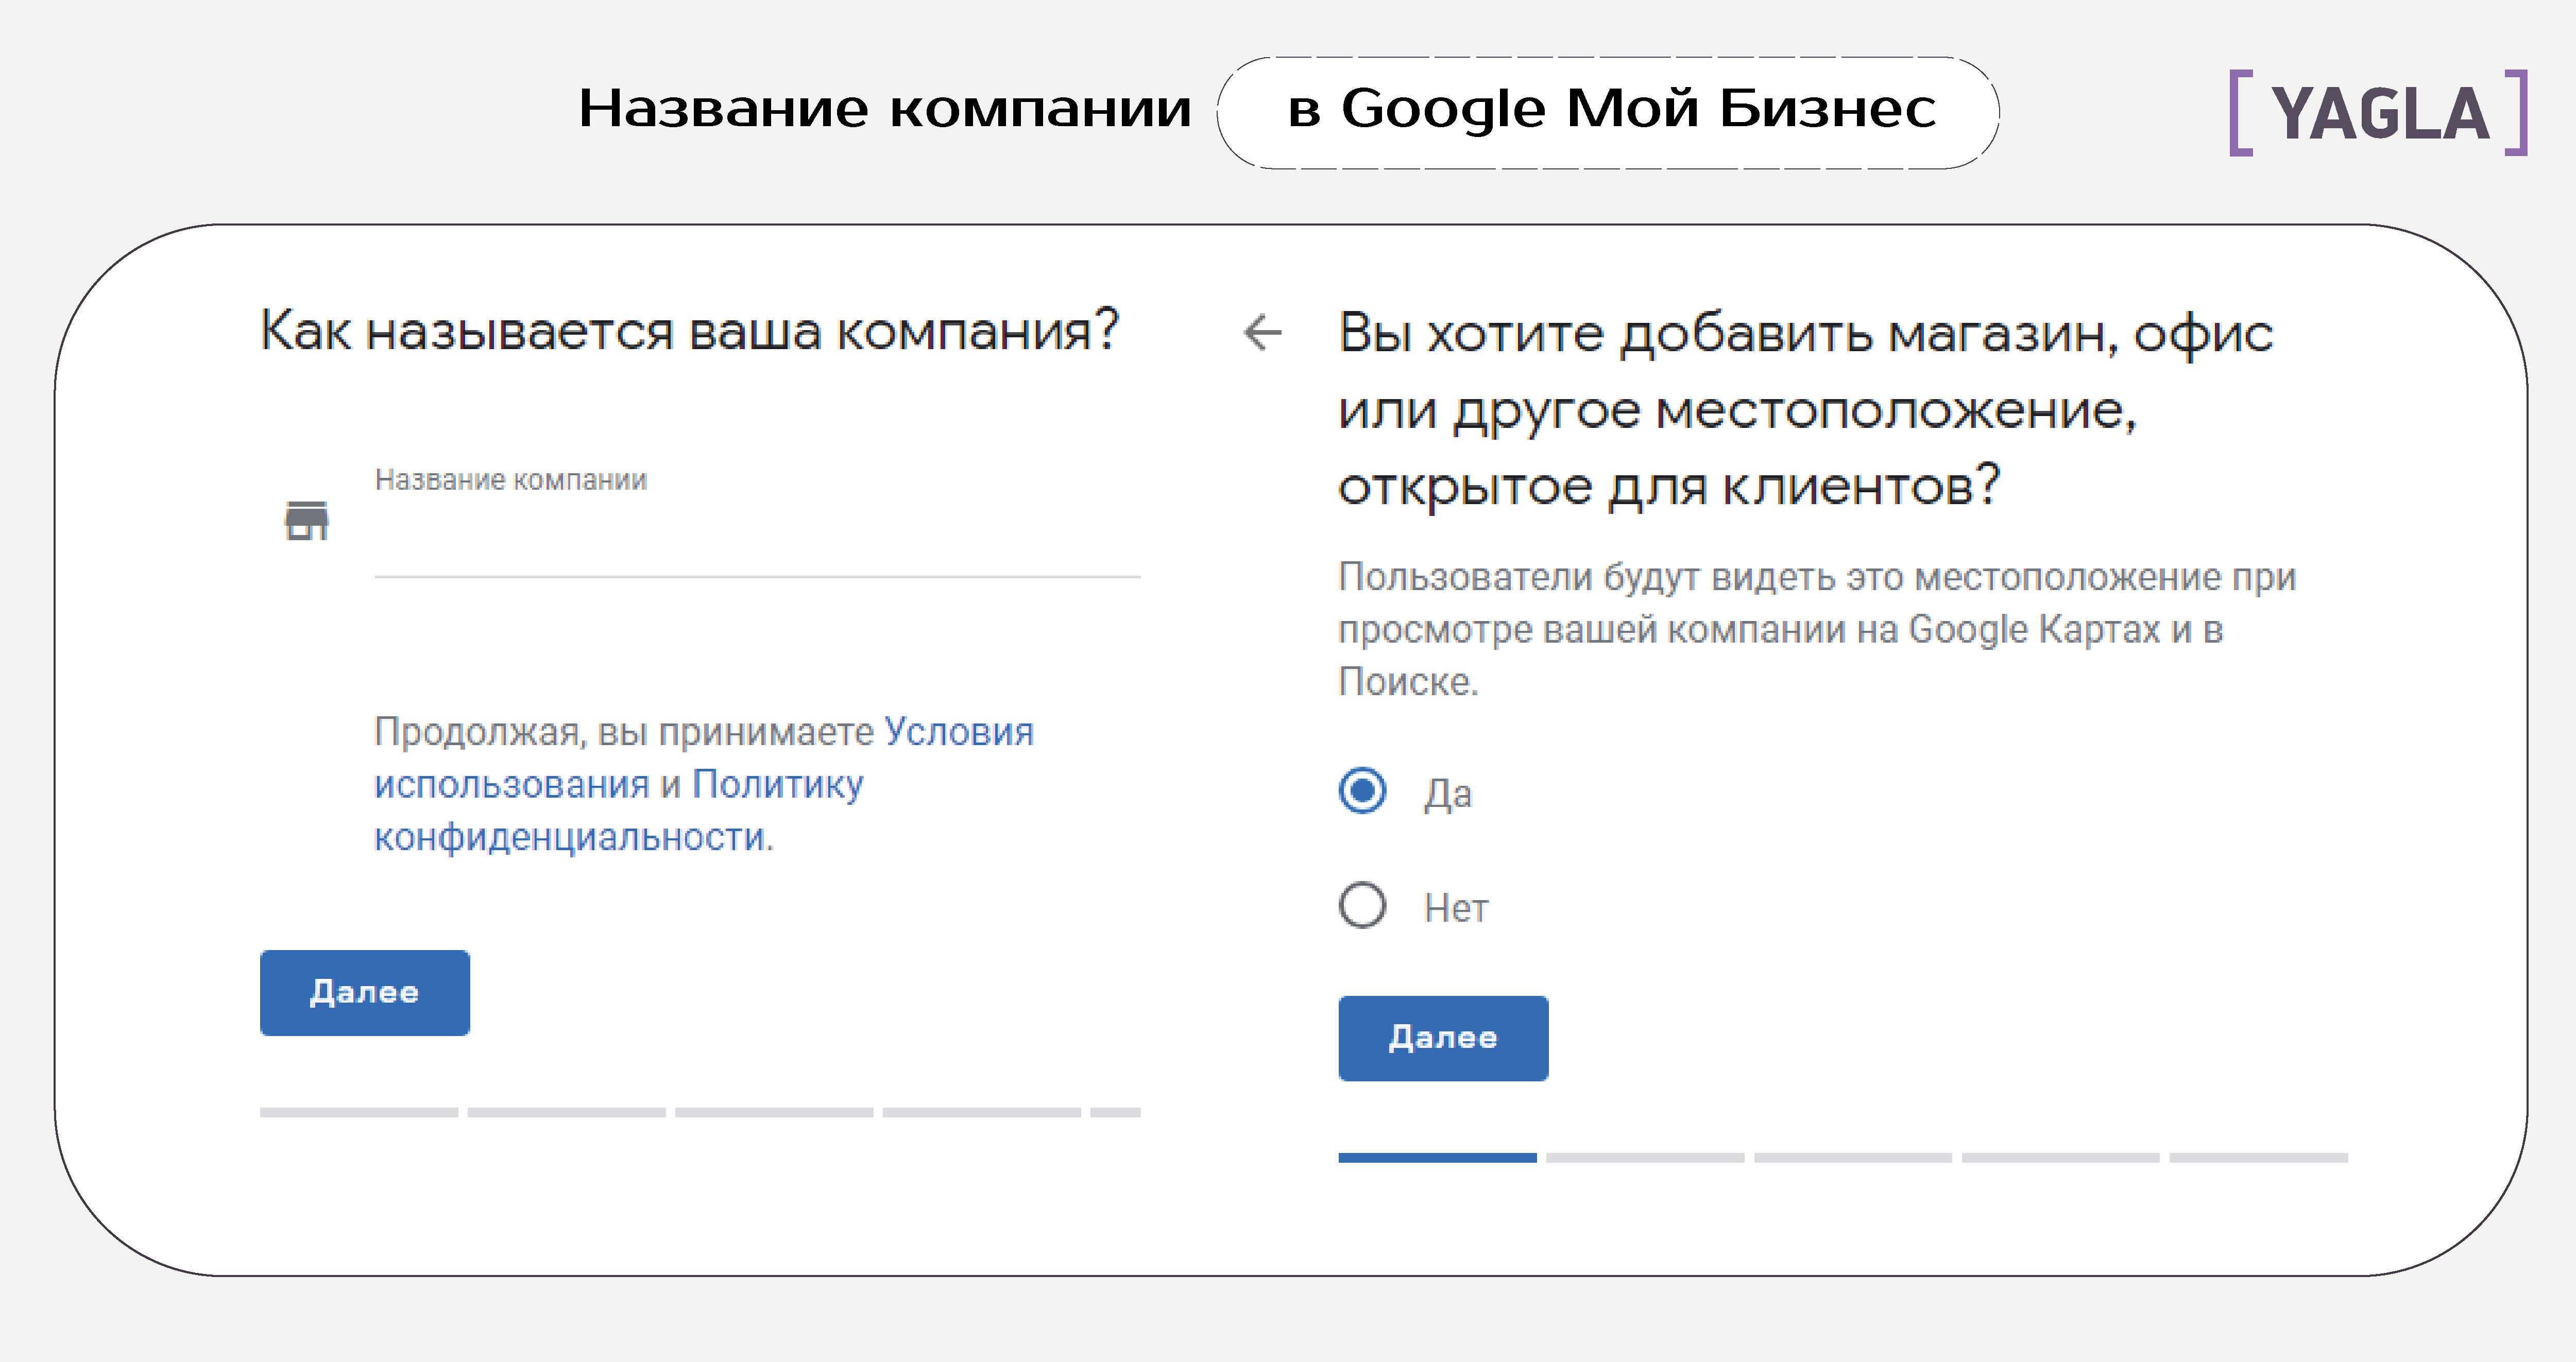 Название компании в Google Мой Бизнес